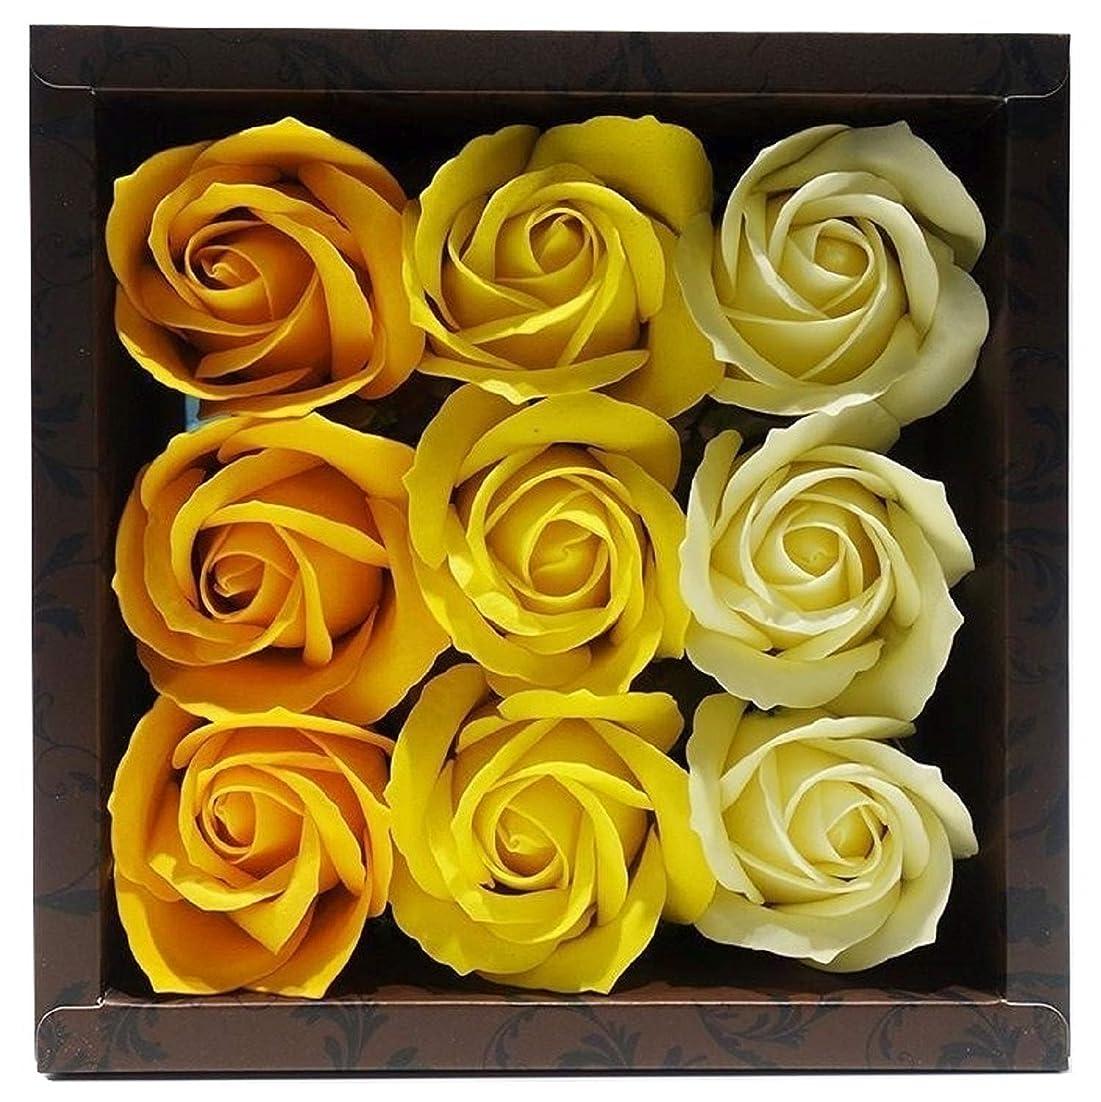 勇者砲兵インカ帝国バスフレグランス バスフラワー ローズフレグランス イエローカラー ギフト お花の形の入浴剤